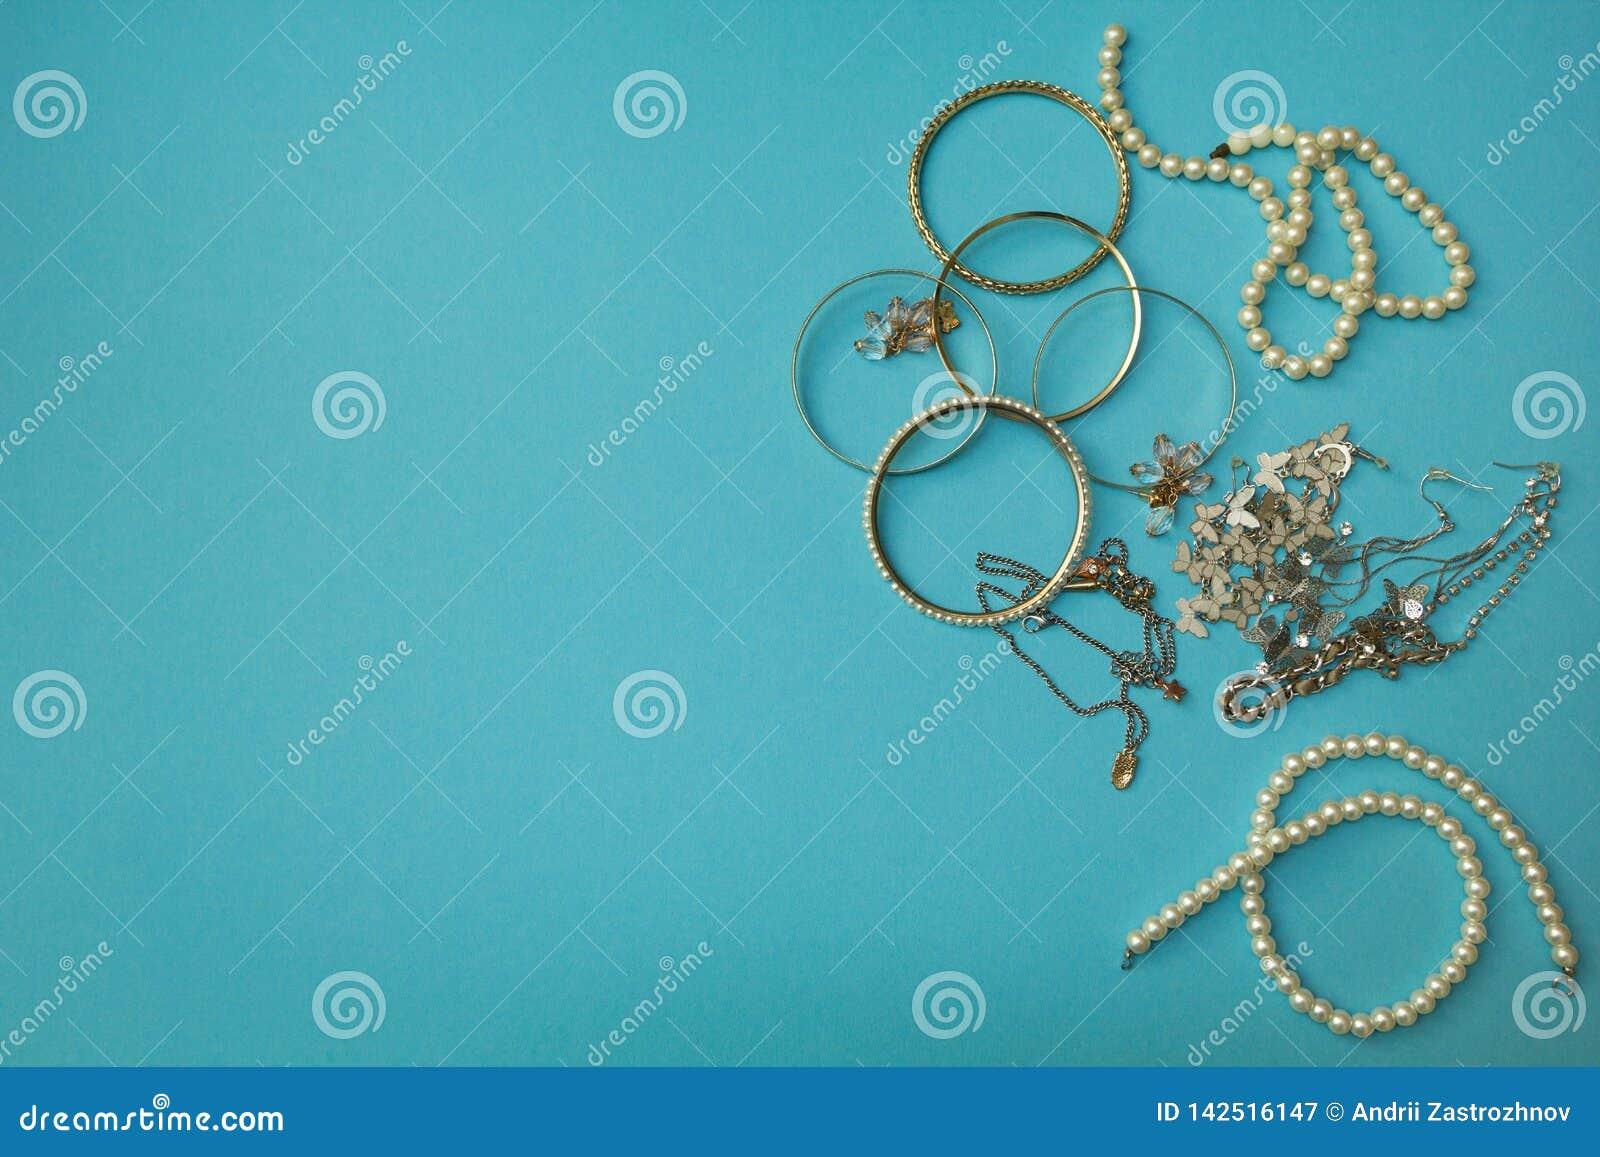 Κόσμημα γυναικών και άλλη ουσία σε ένα μπλε υπόβαθρο